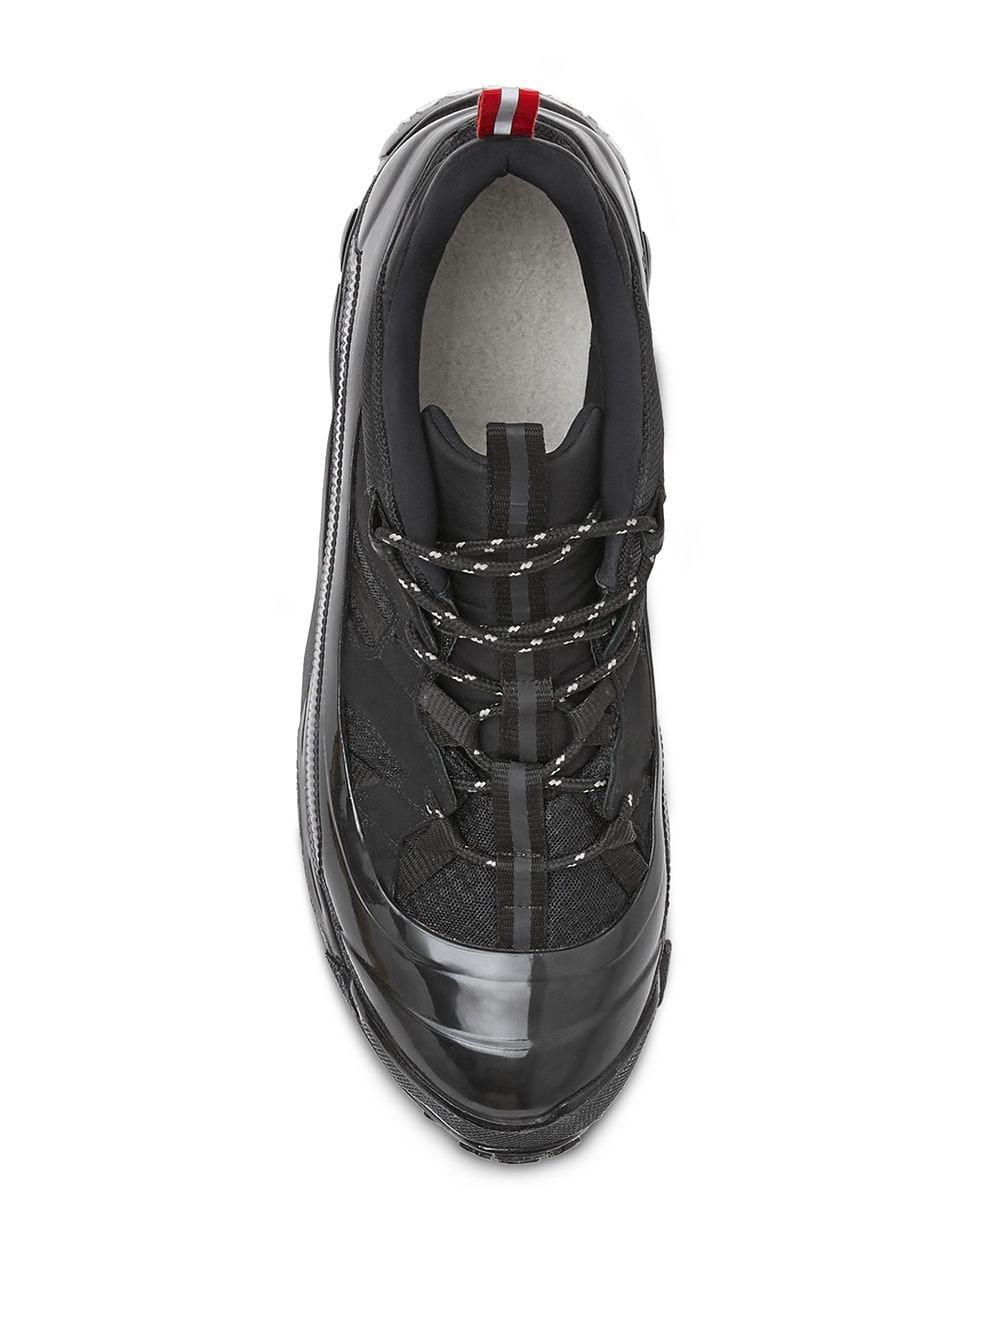 Zapatillas bajas con suela gruesa Burberry de Cuero de color Negro para hombre